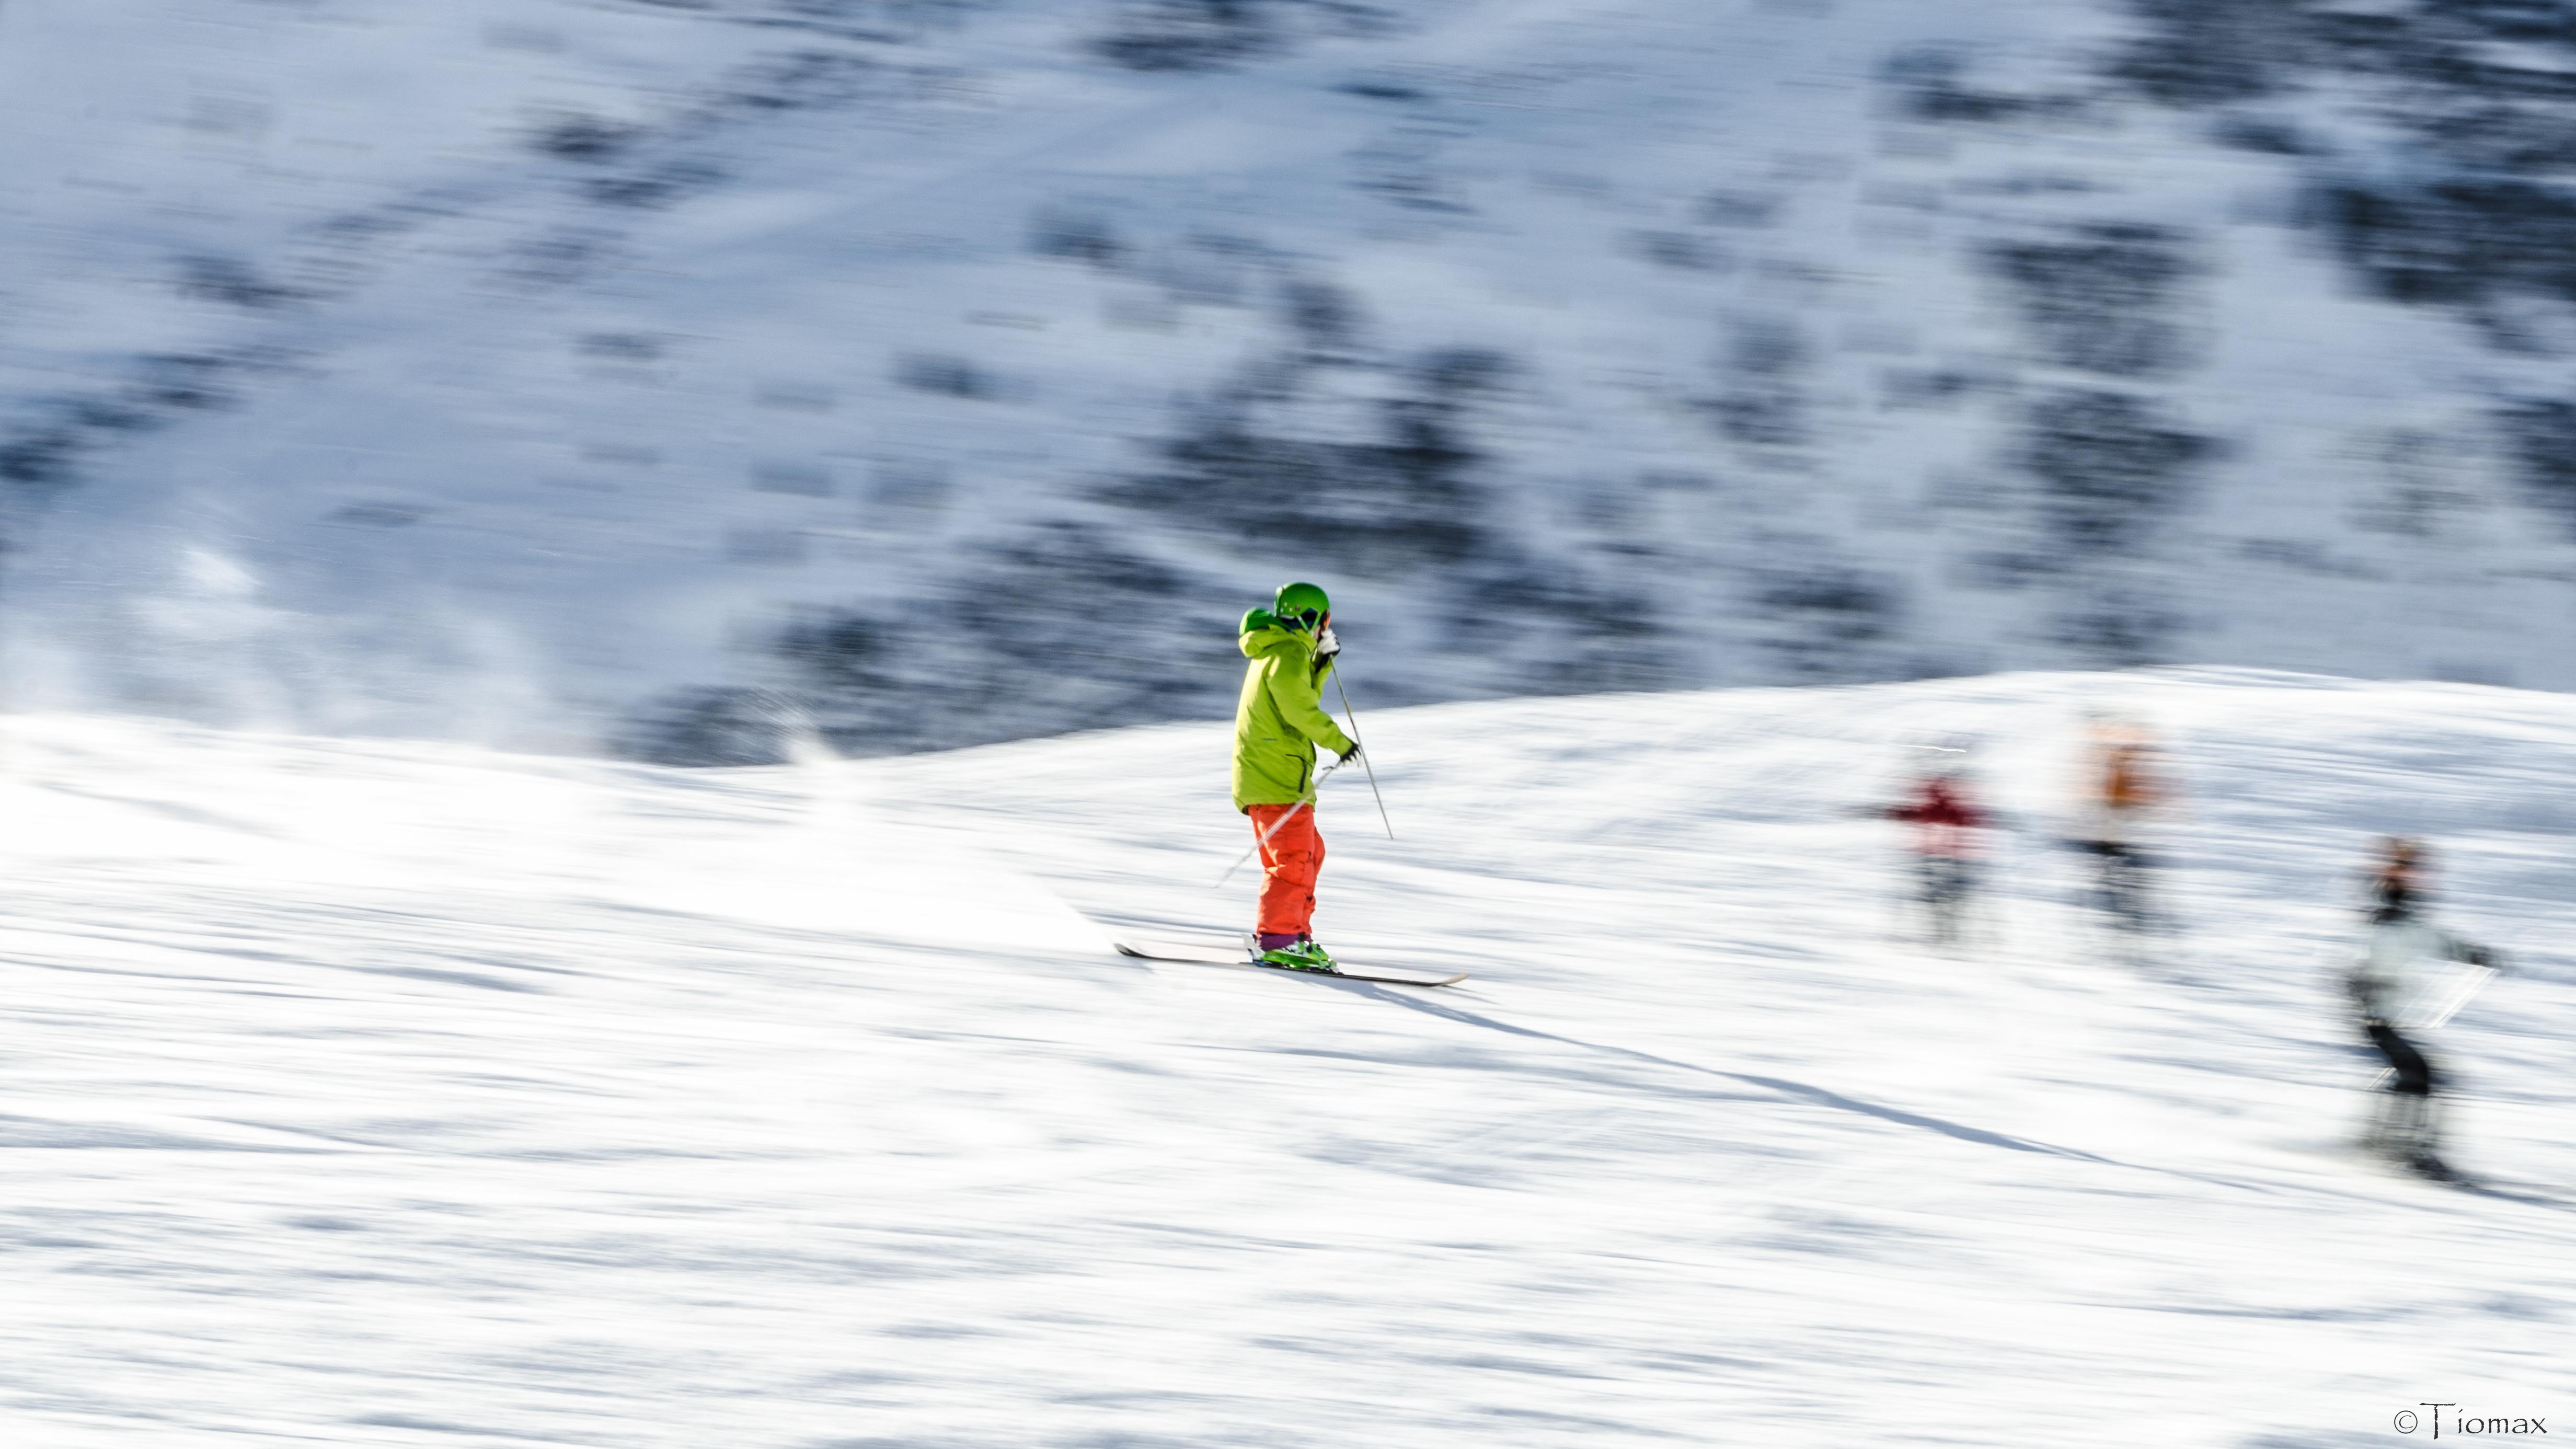 108066 скачать обои Спорт, Лыжник, Лыжи, Зима, Снег, Горы - заставки и картинки бесплатно